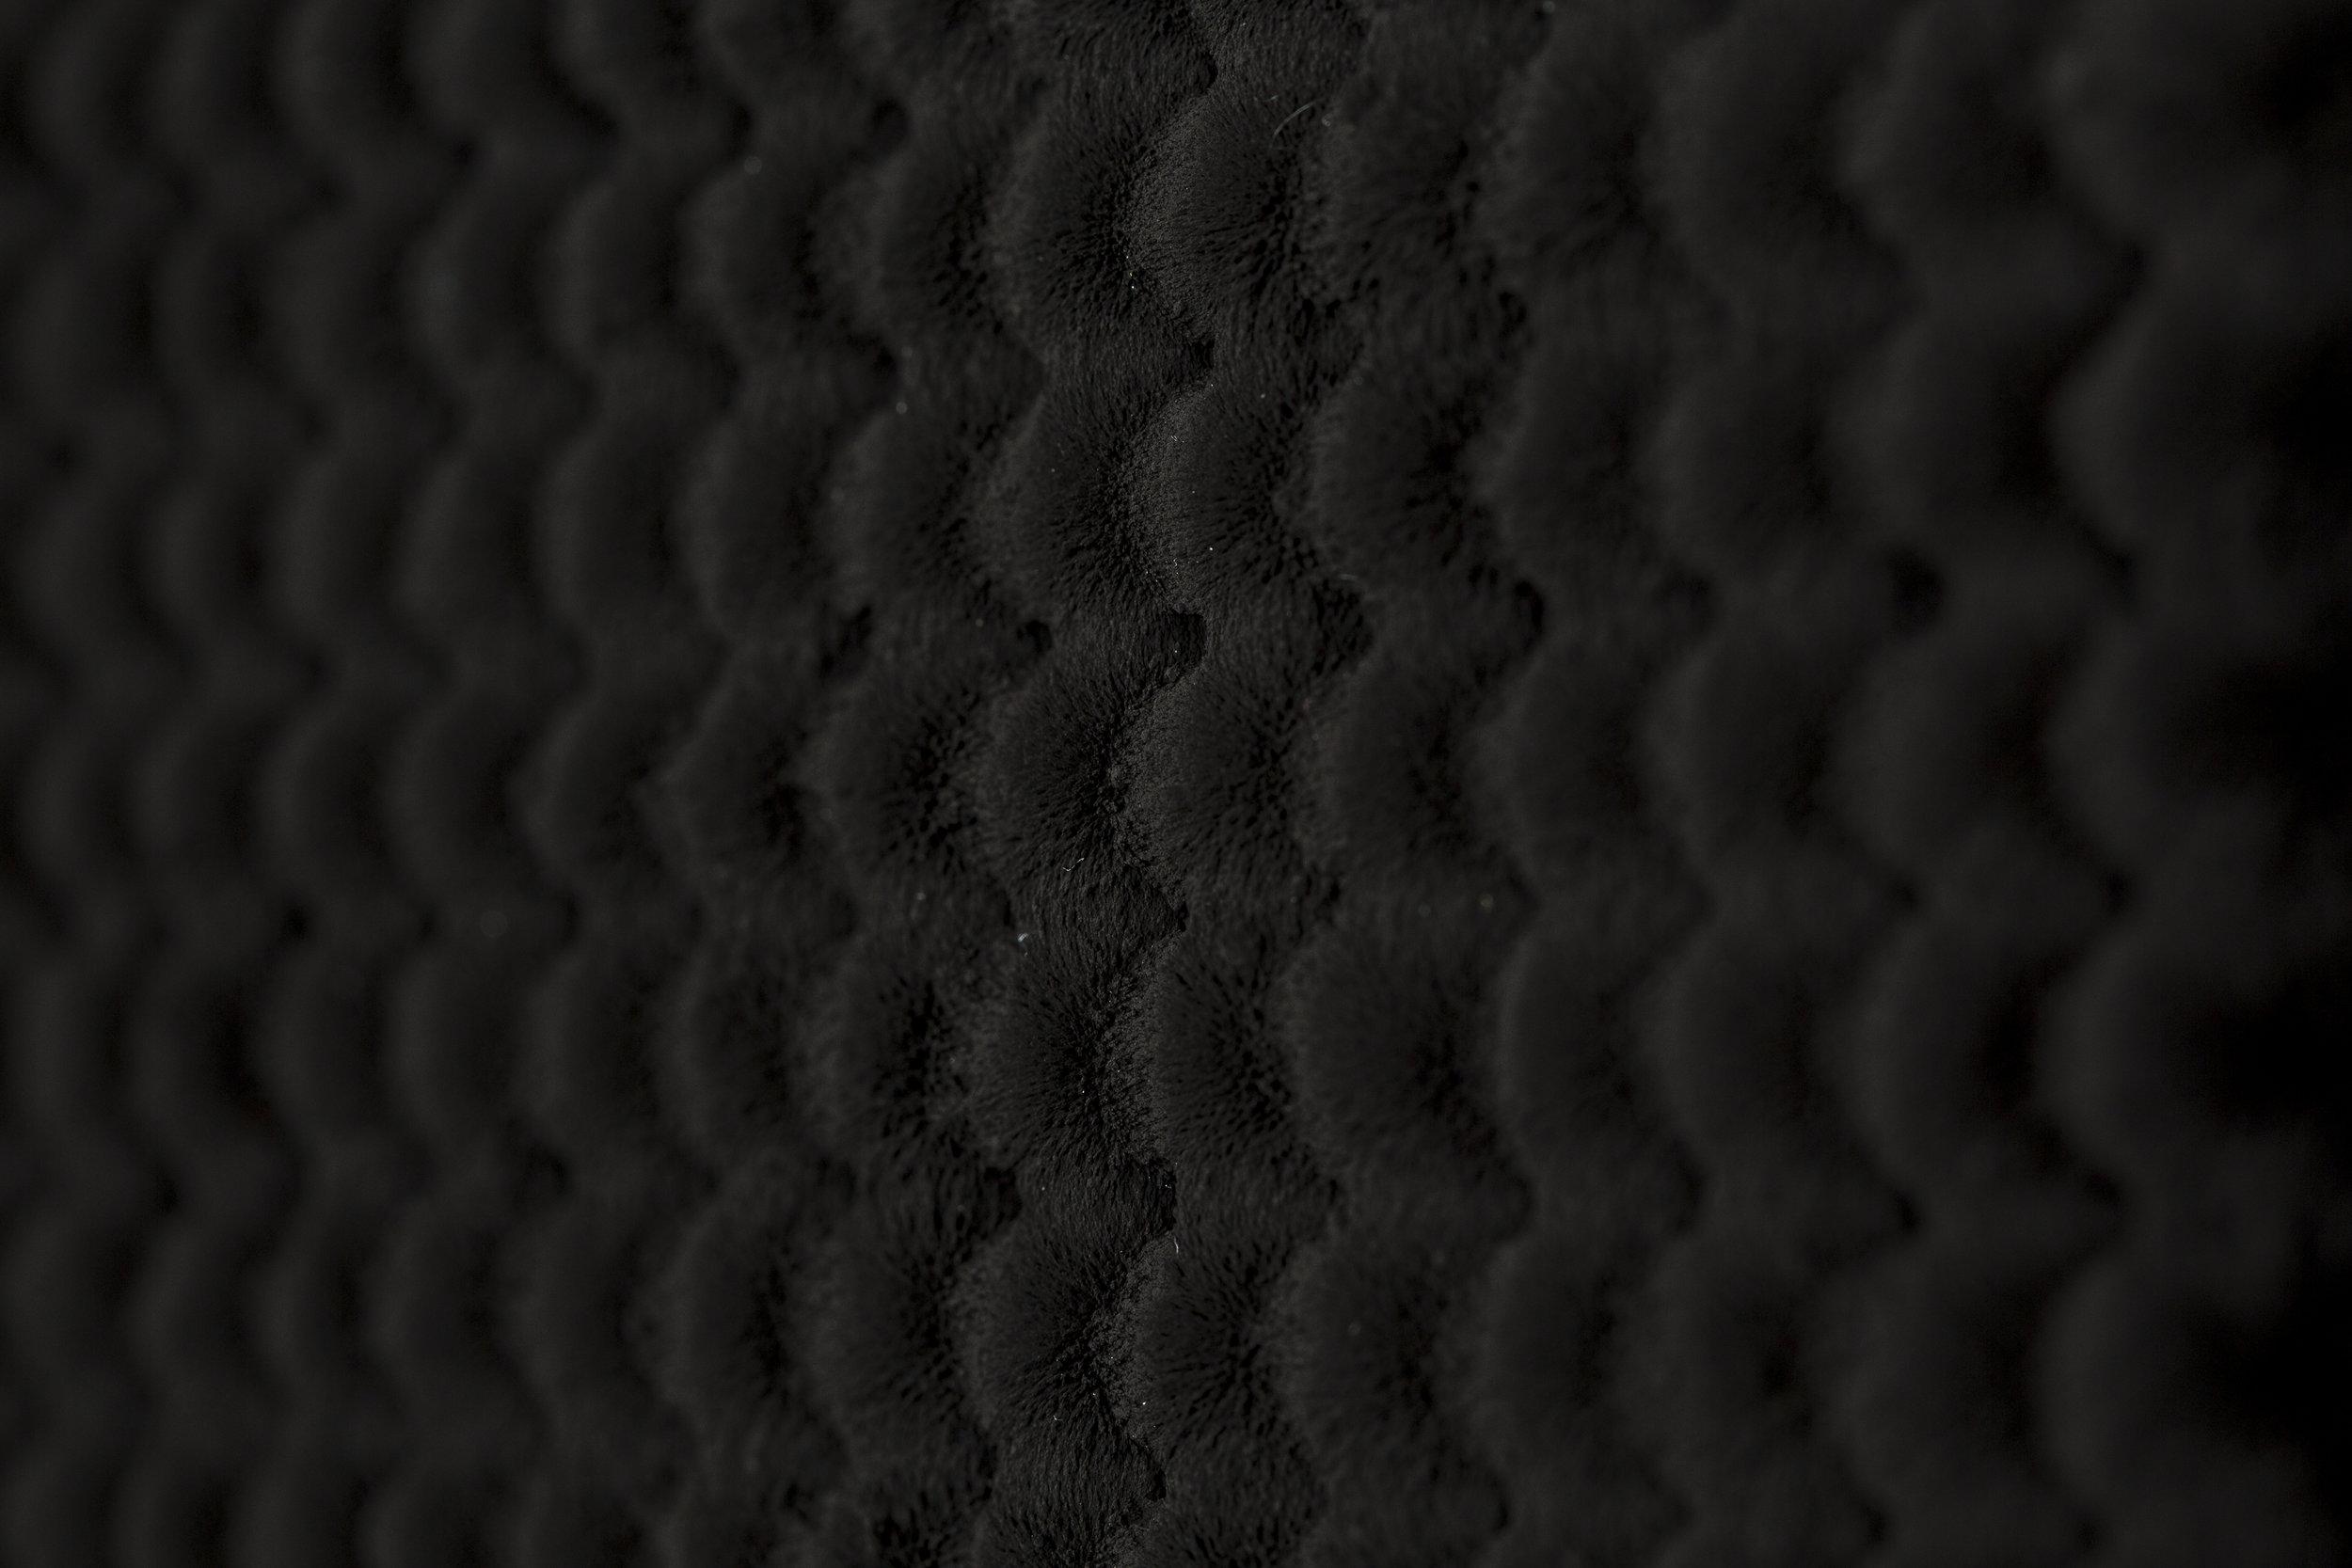 Dark Matter I_detail_300dpi.jpg